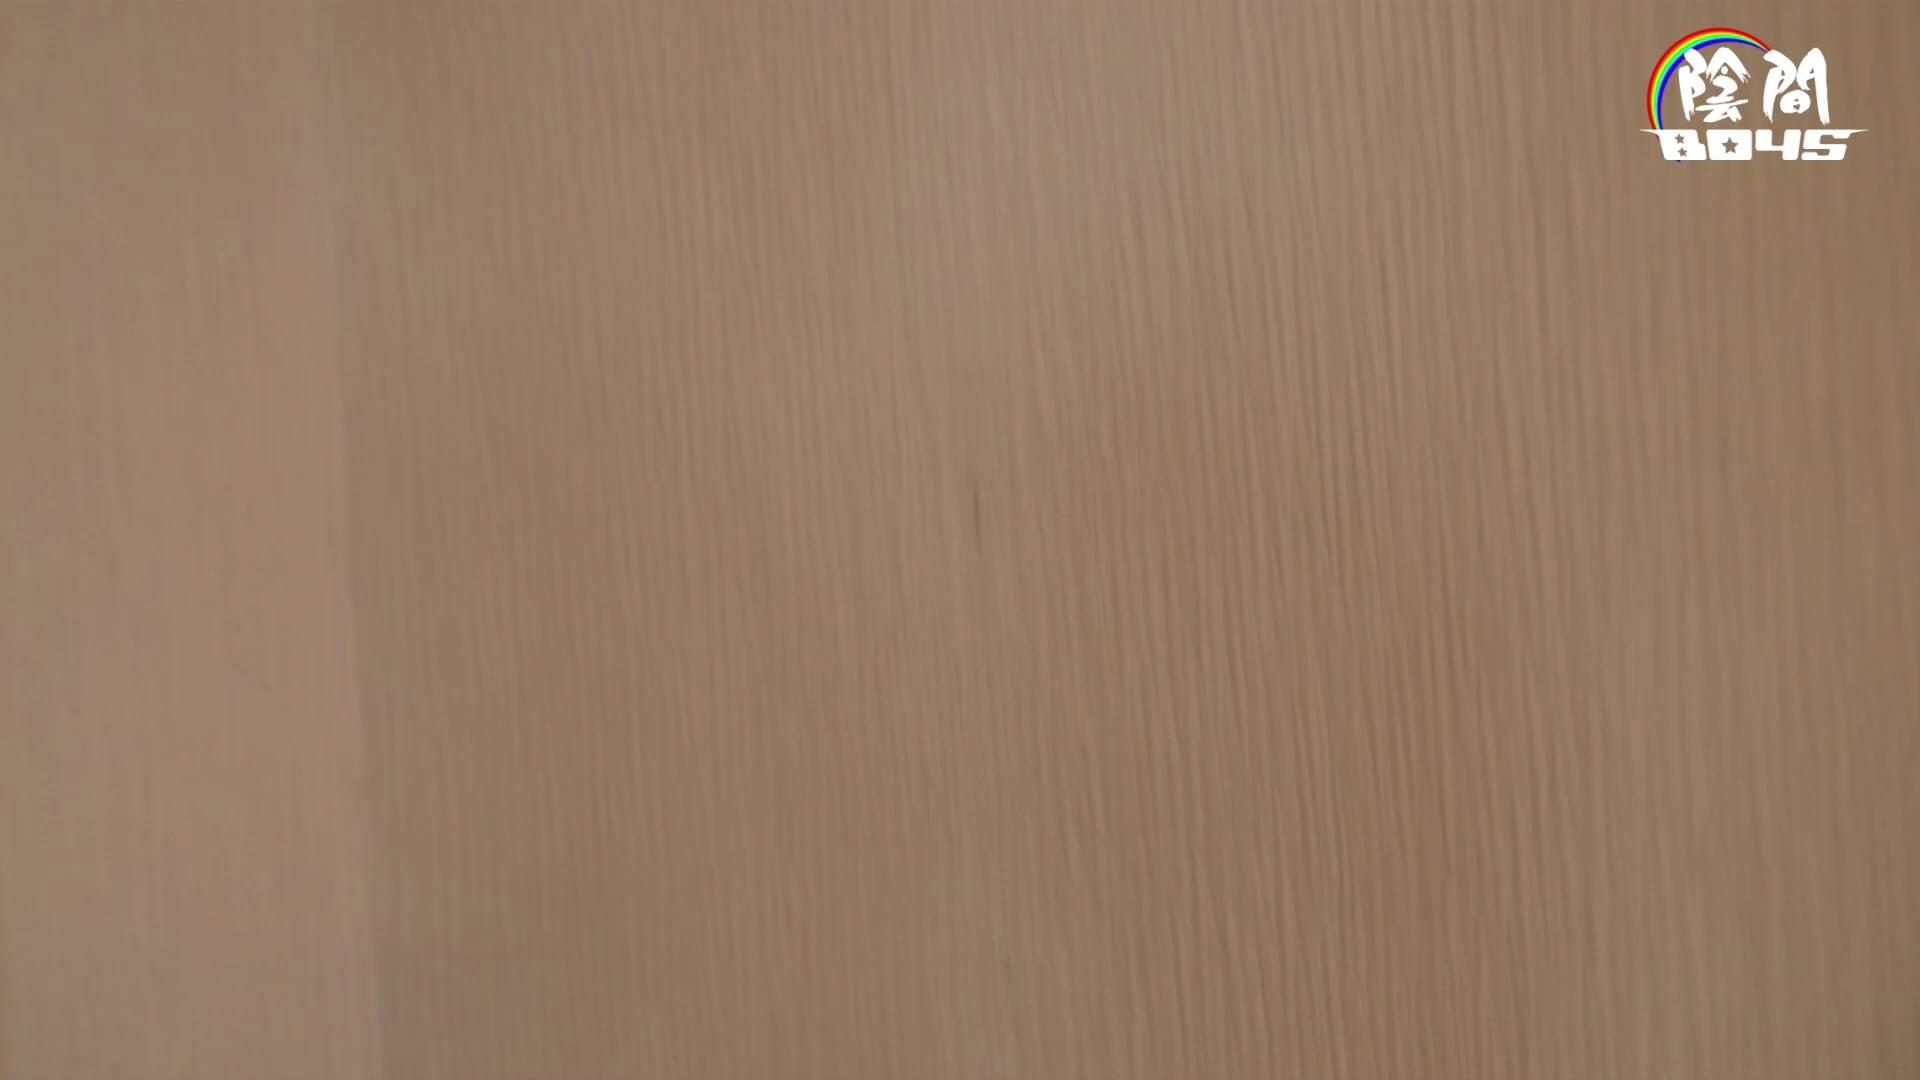 アナルで営業ワン・ツー・ スリーpart2 Vol.1 手コキ ゲイエロ動画 101pic 2